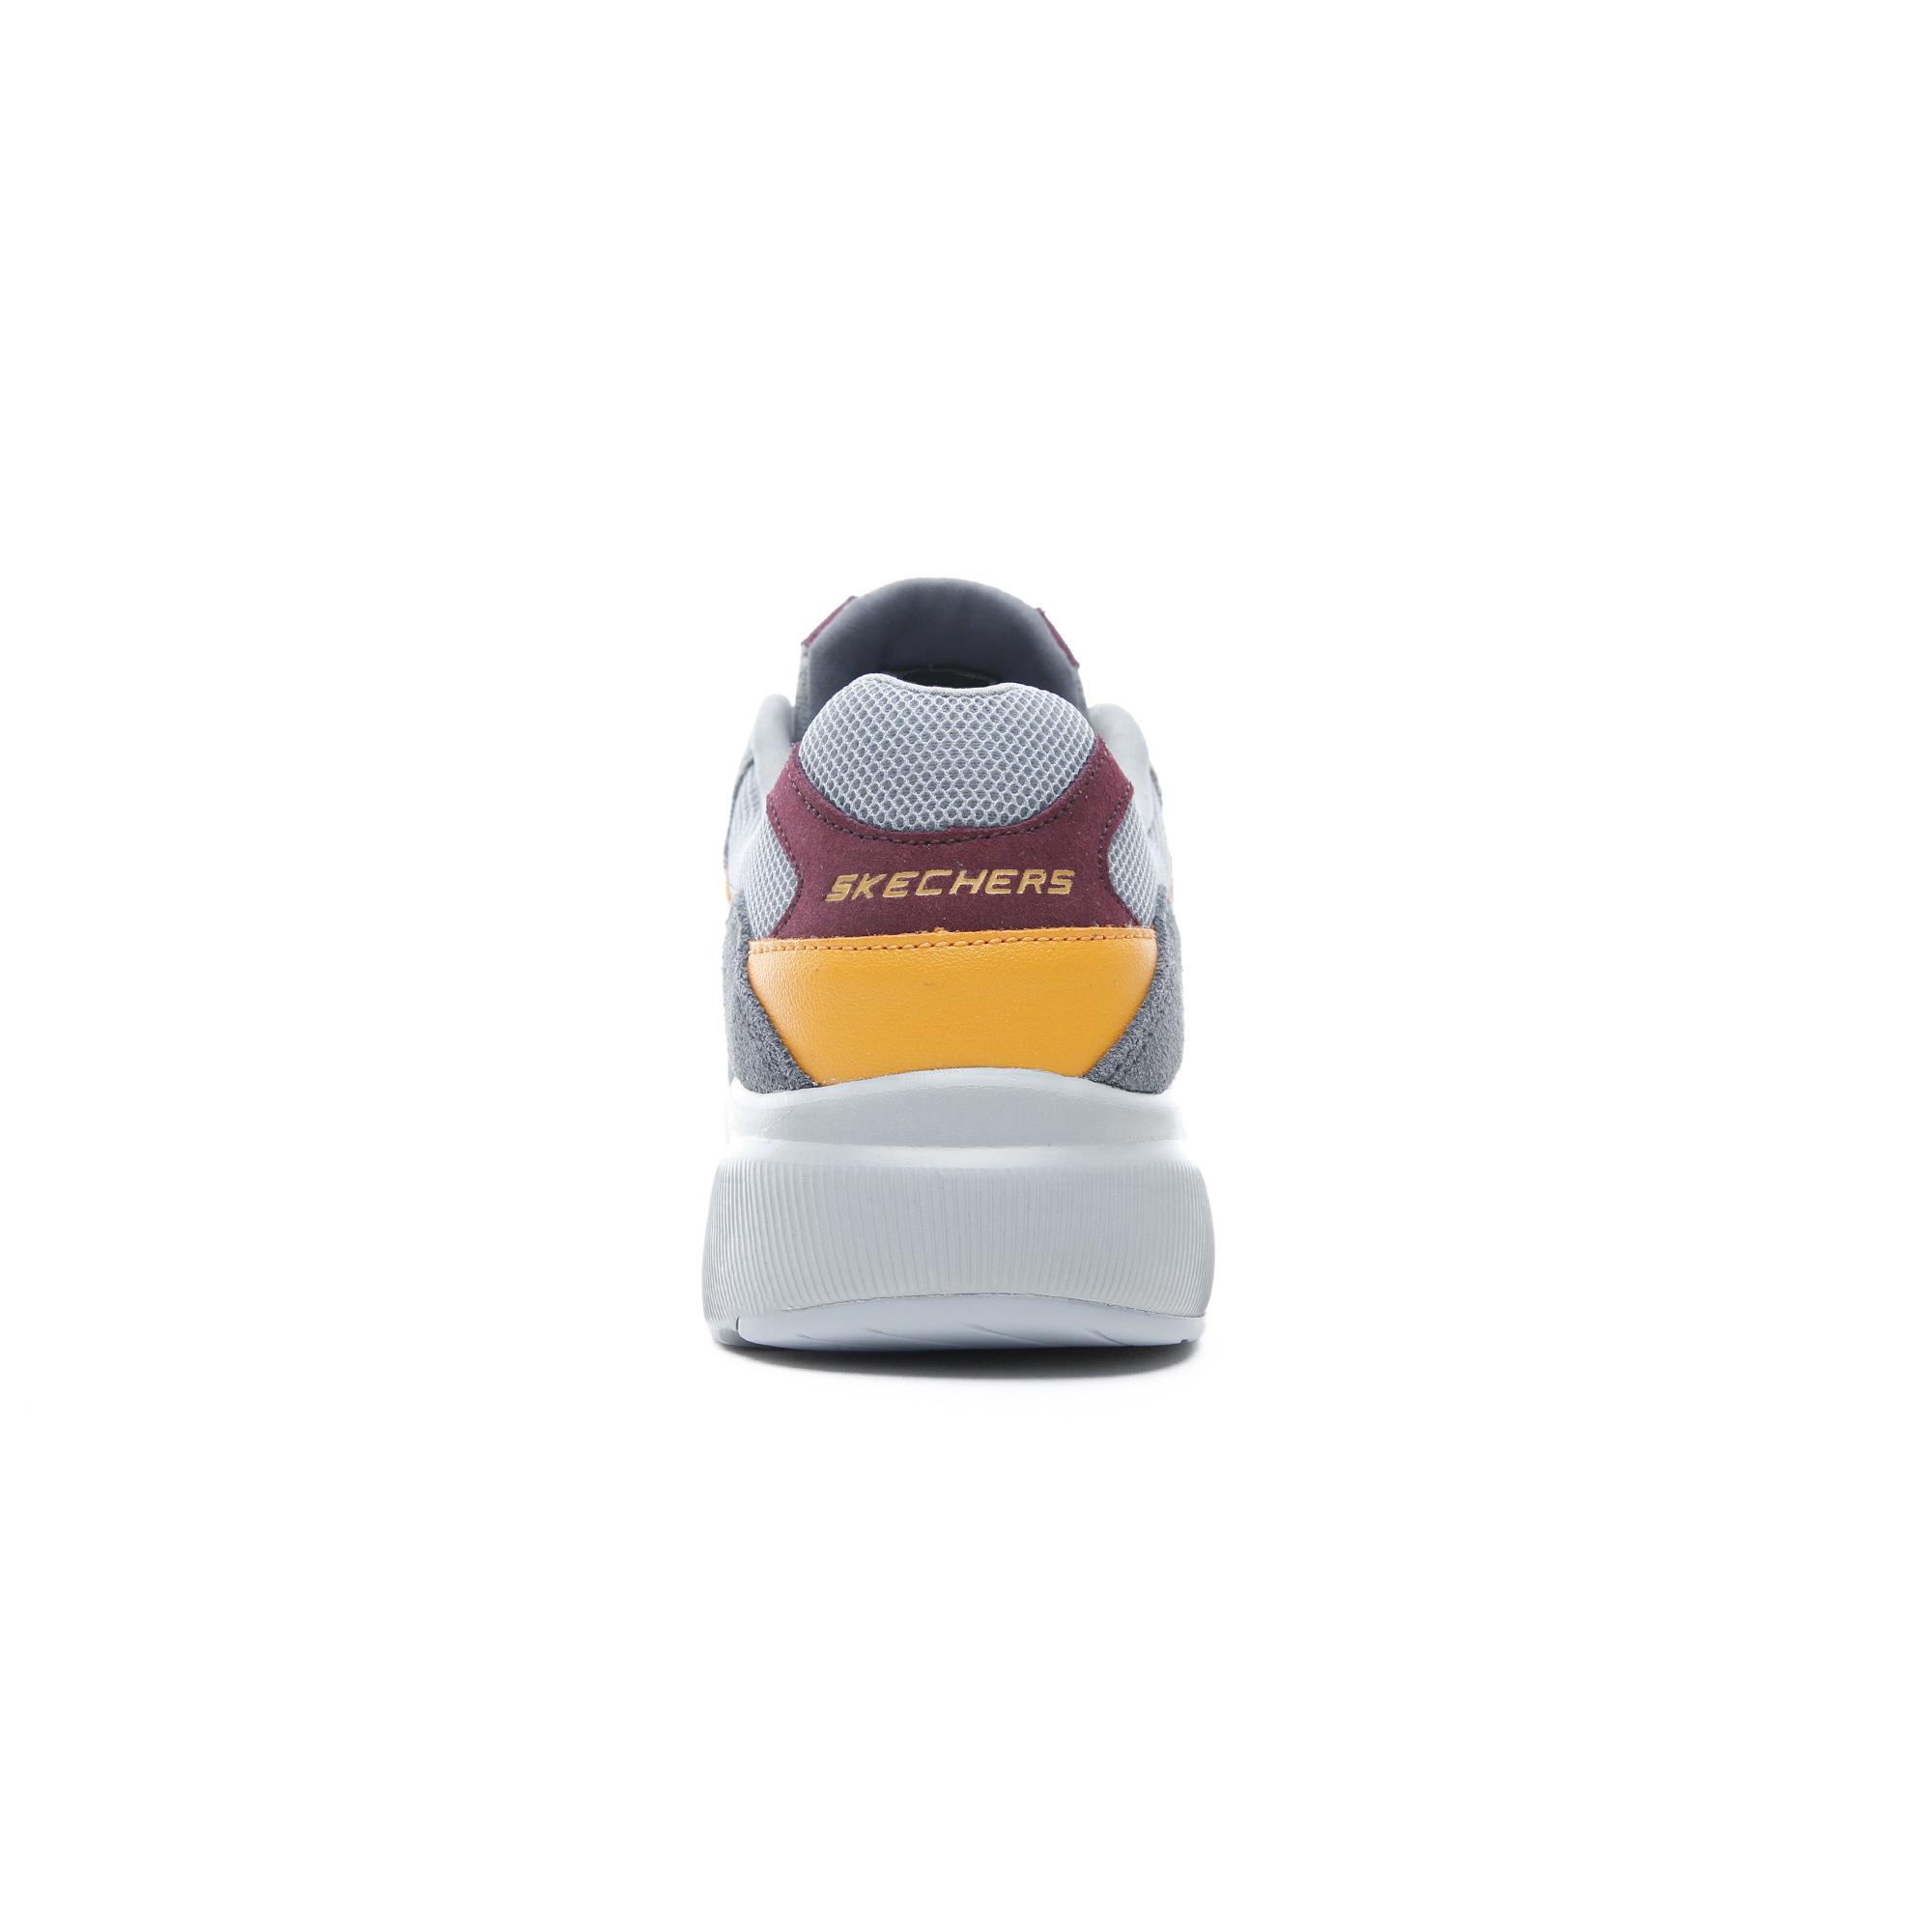 Skechers Meridian - Ostwall Erkek Gri Spor Ayakkabı